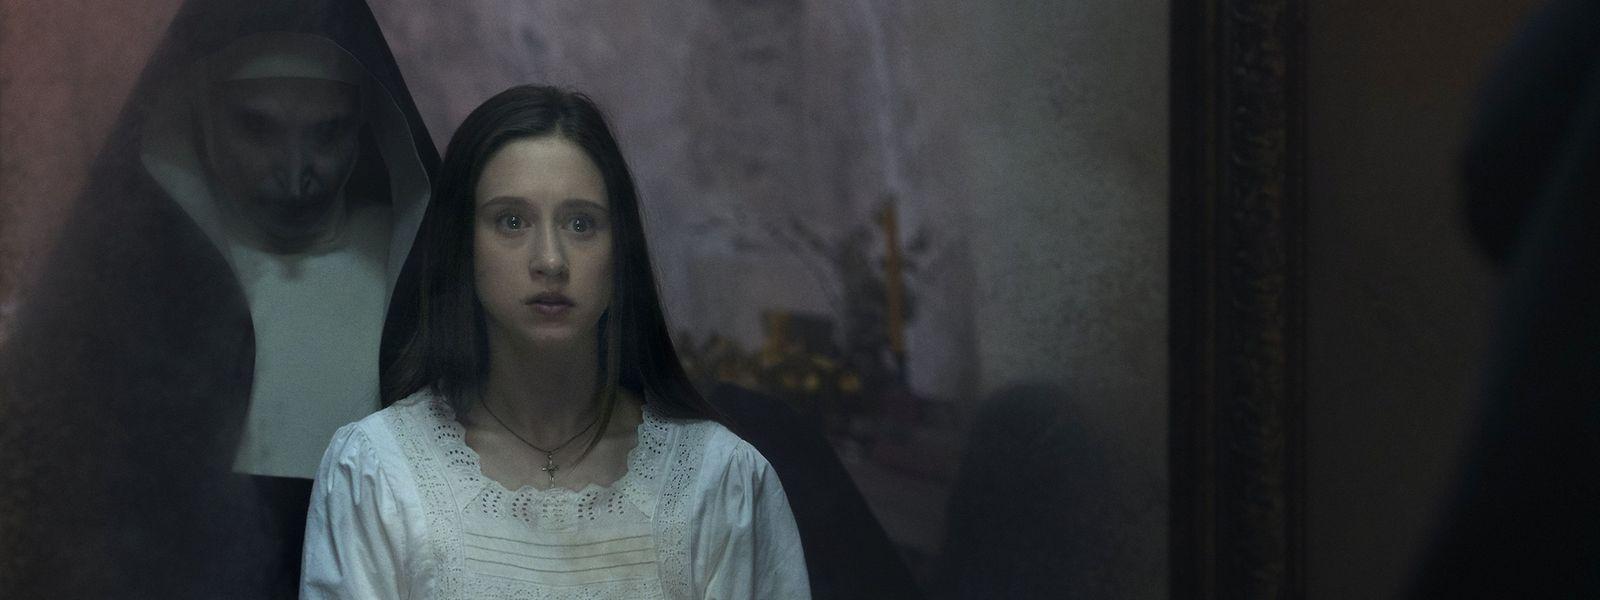 Espelho, espelho meu, há atrás de mim alguma freira morta?